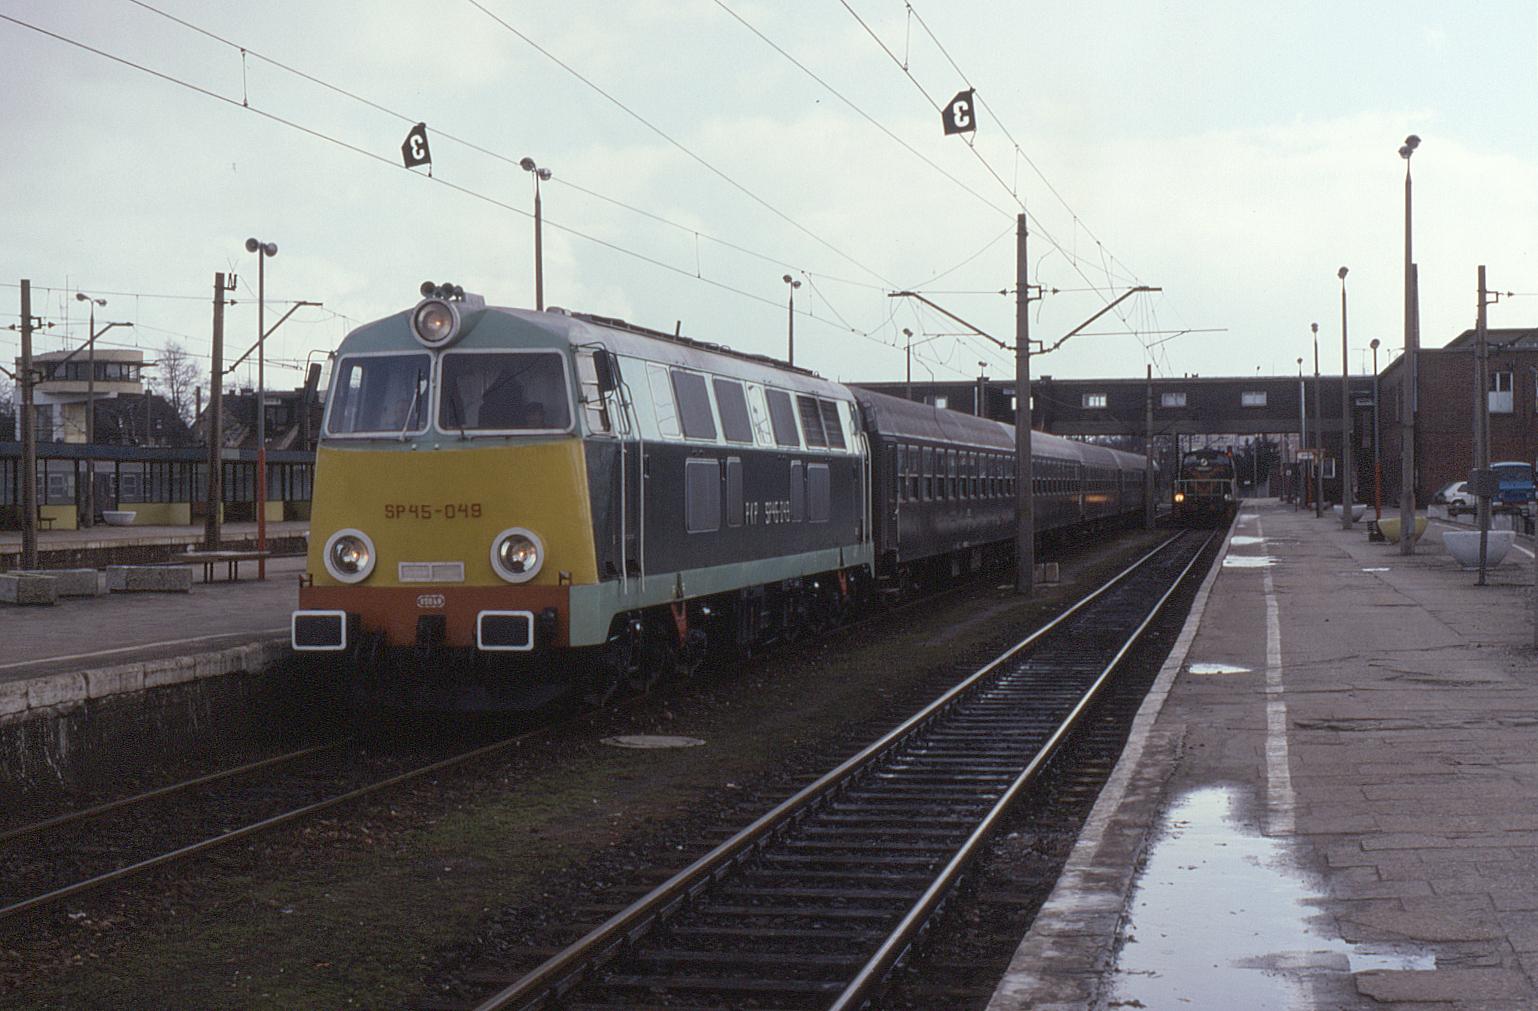 960848.jpg